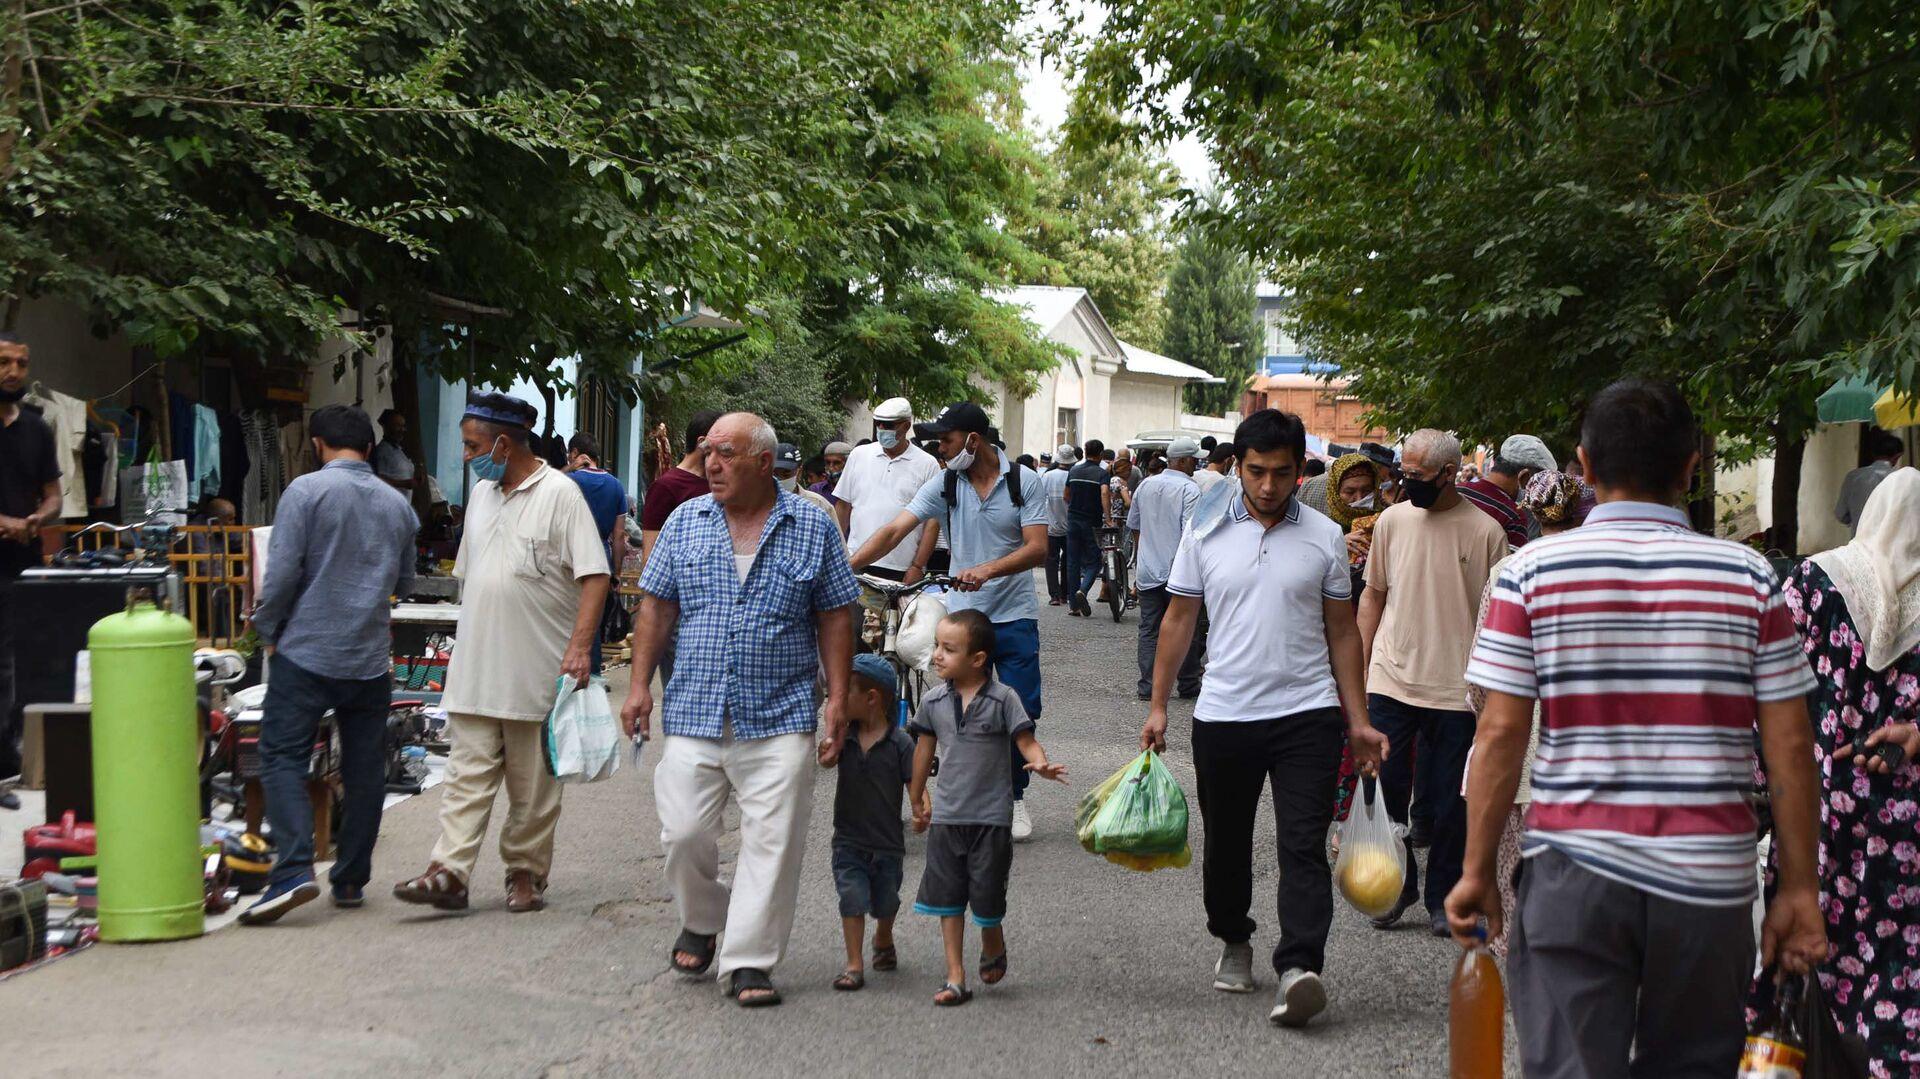 Жители Душанбе на барахолке - Sputnik Таджикистан, 1920, 03.08.2021